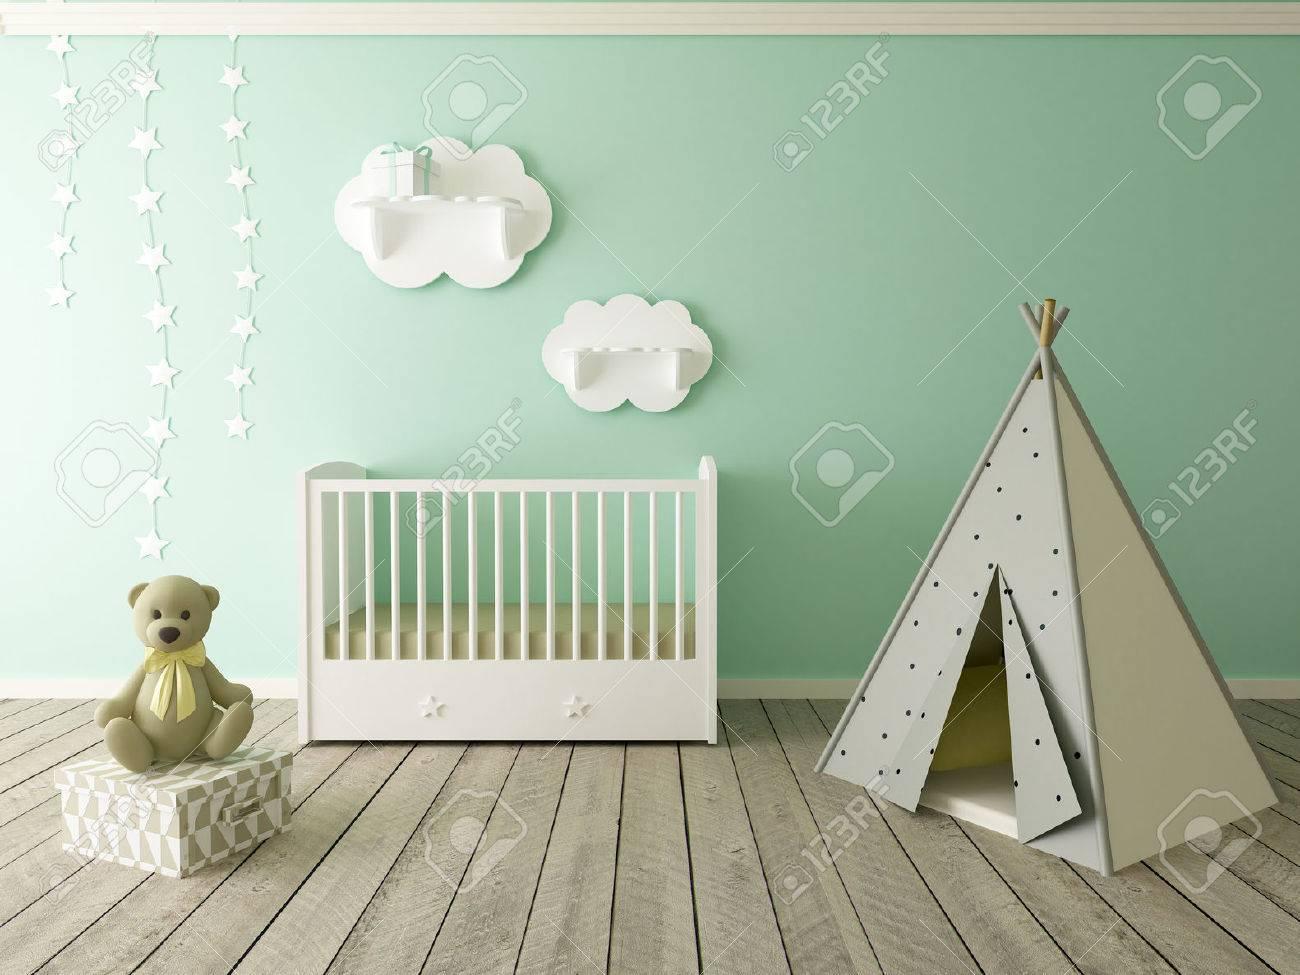 children room interior - 48682990